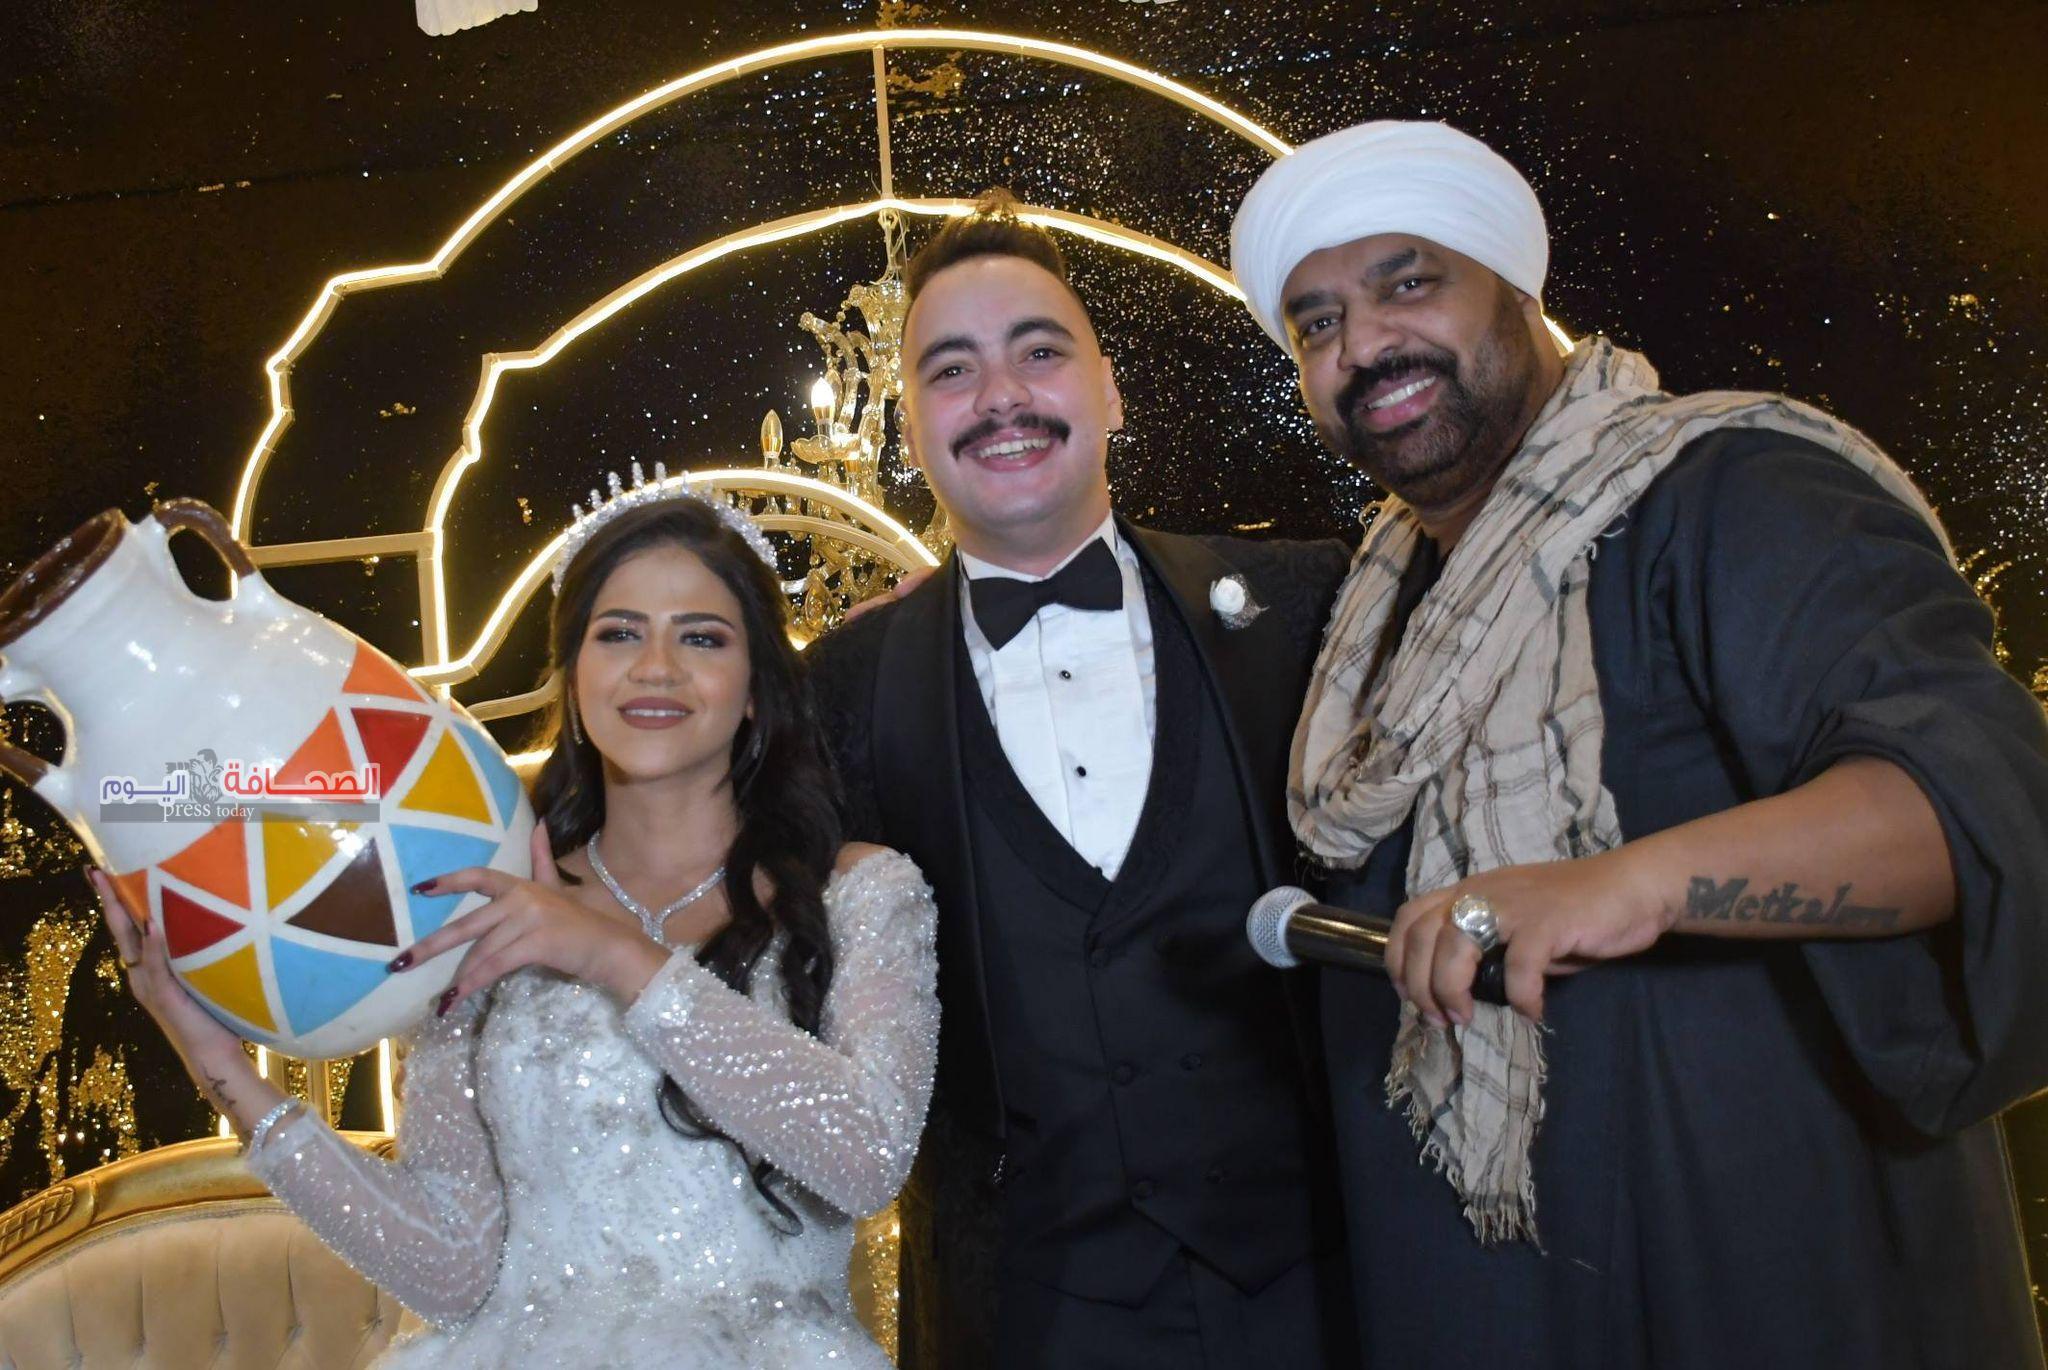 بالصور .. حفل زفاف رجل الأعمال نور مجدى ومى مصطفى